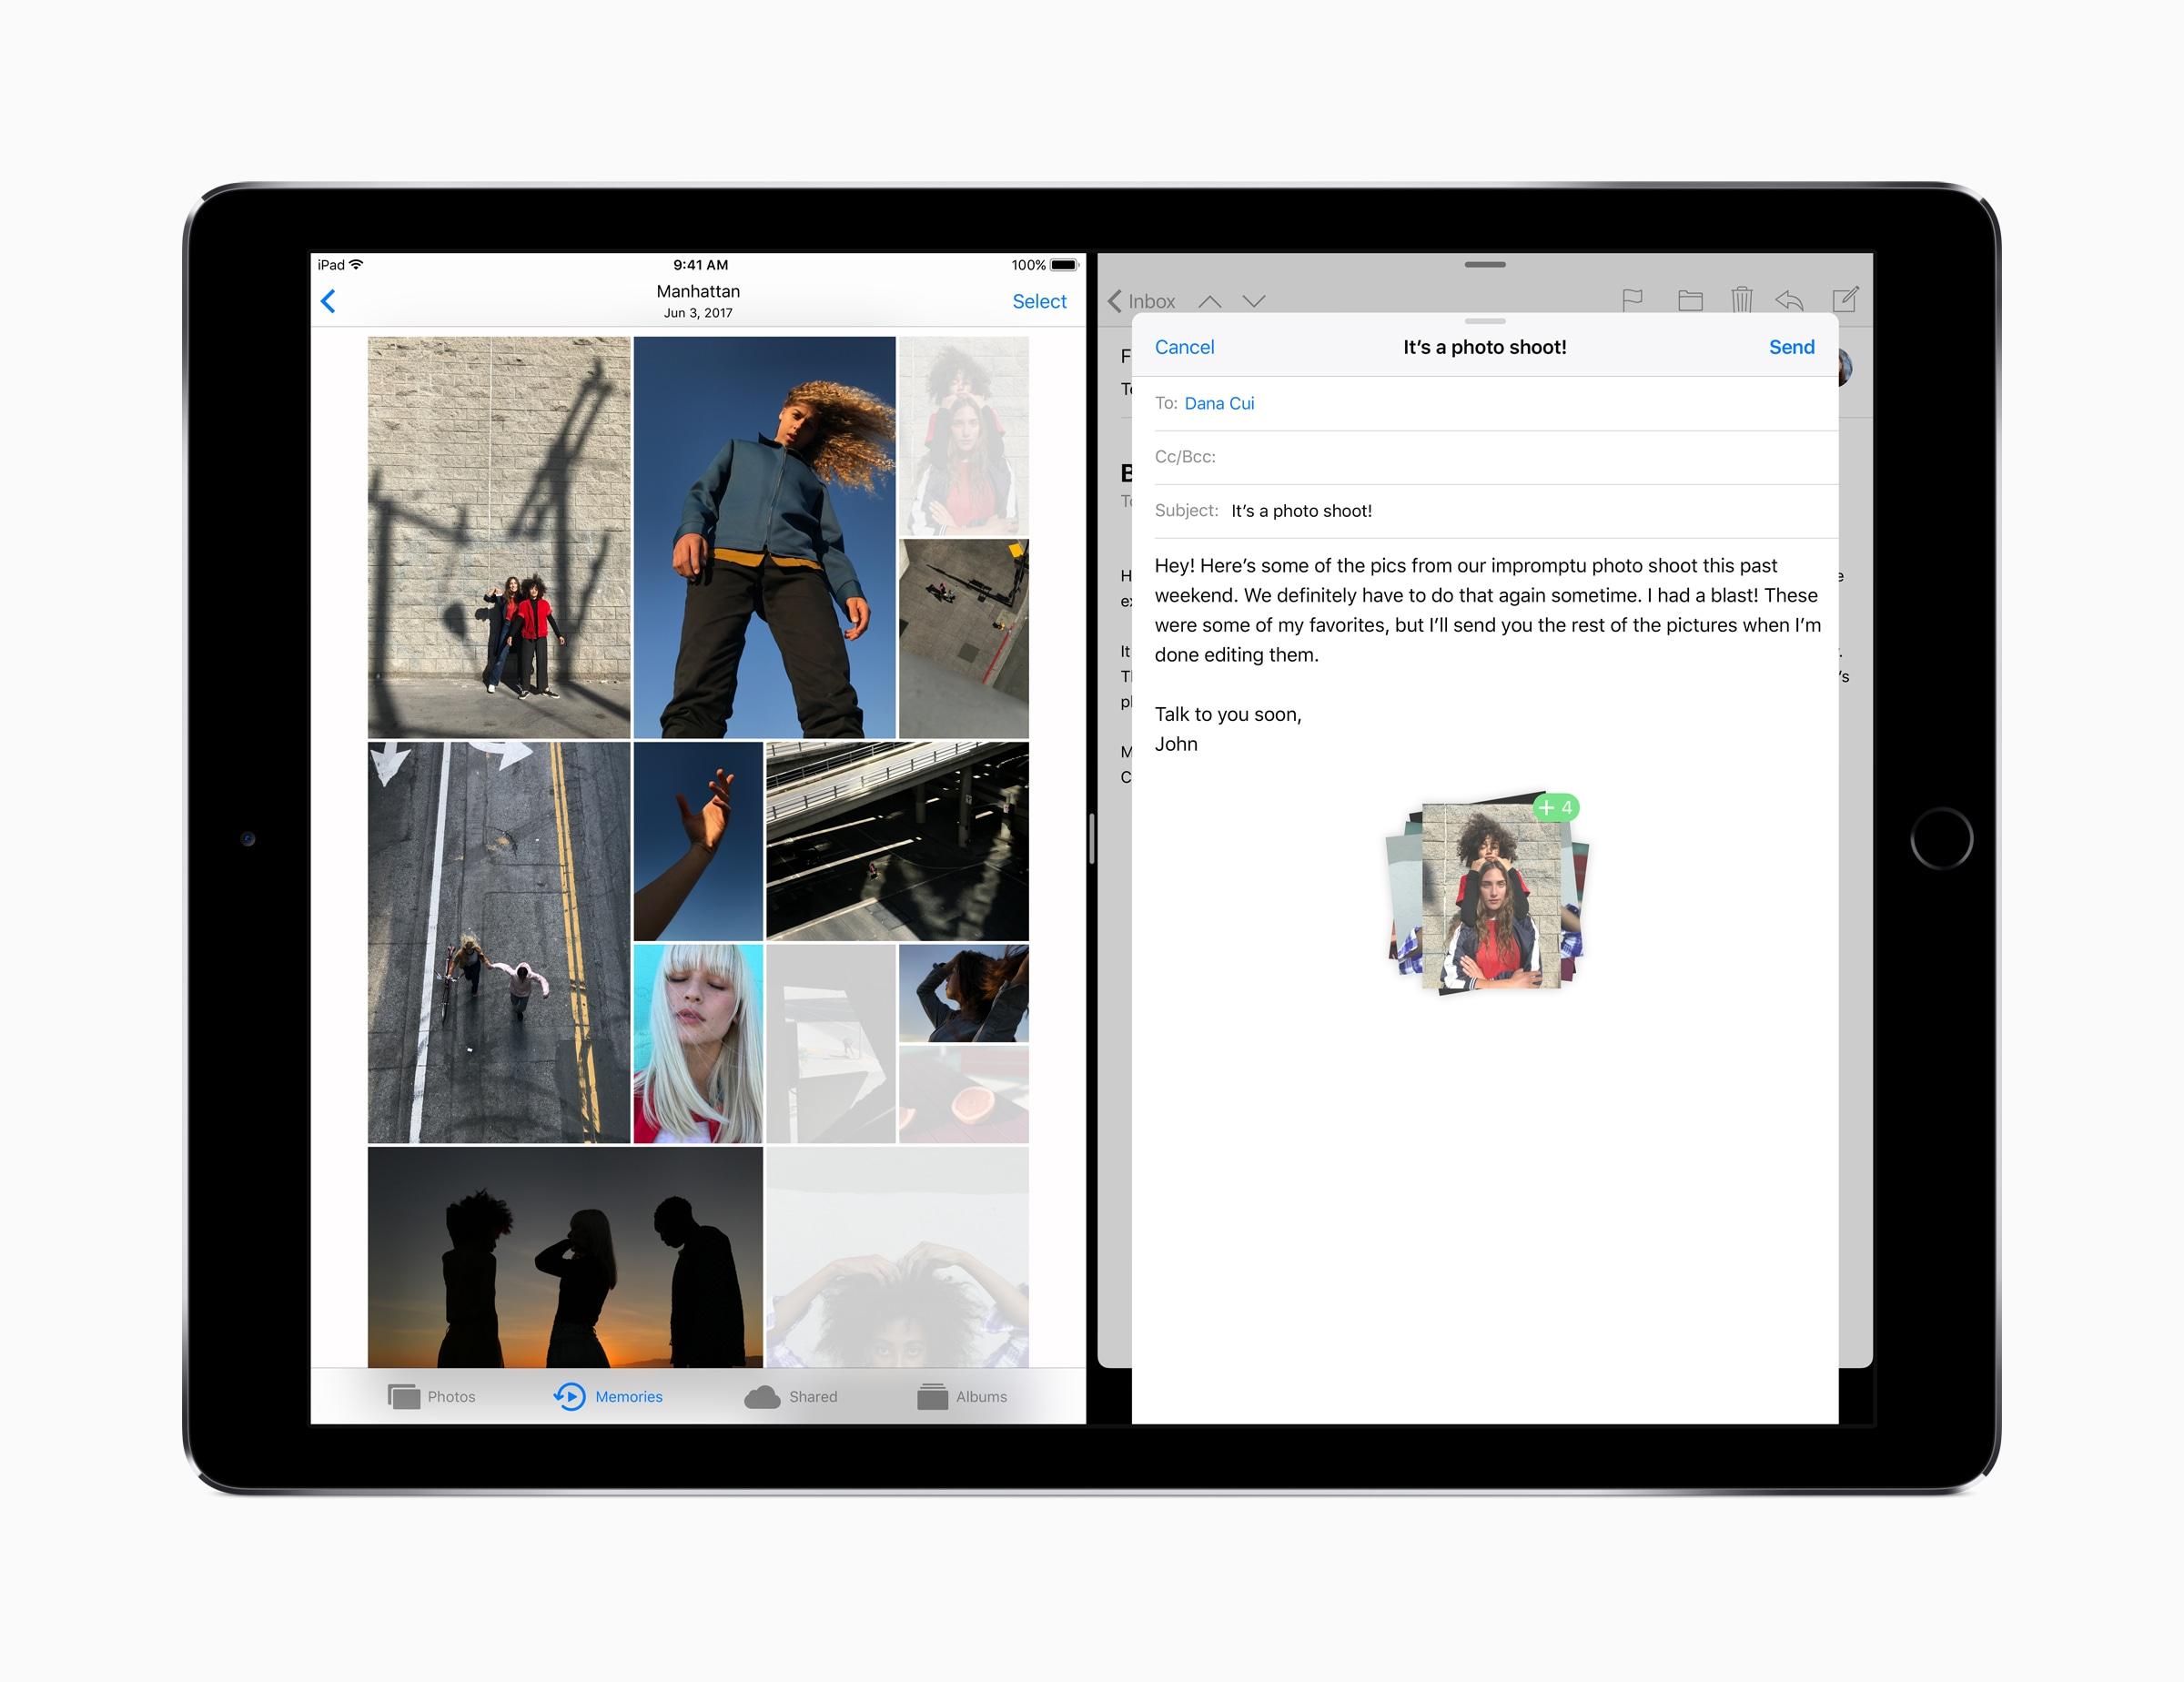 Arrastar e soltar (drag & drop) no iPad Pro com iOS 11